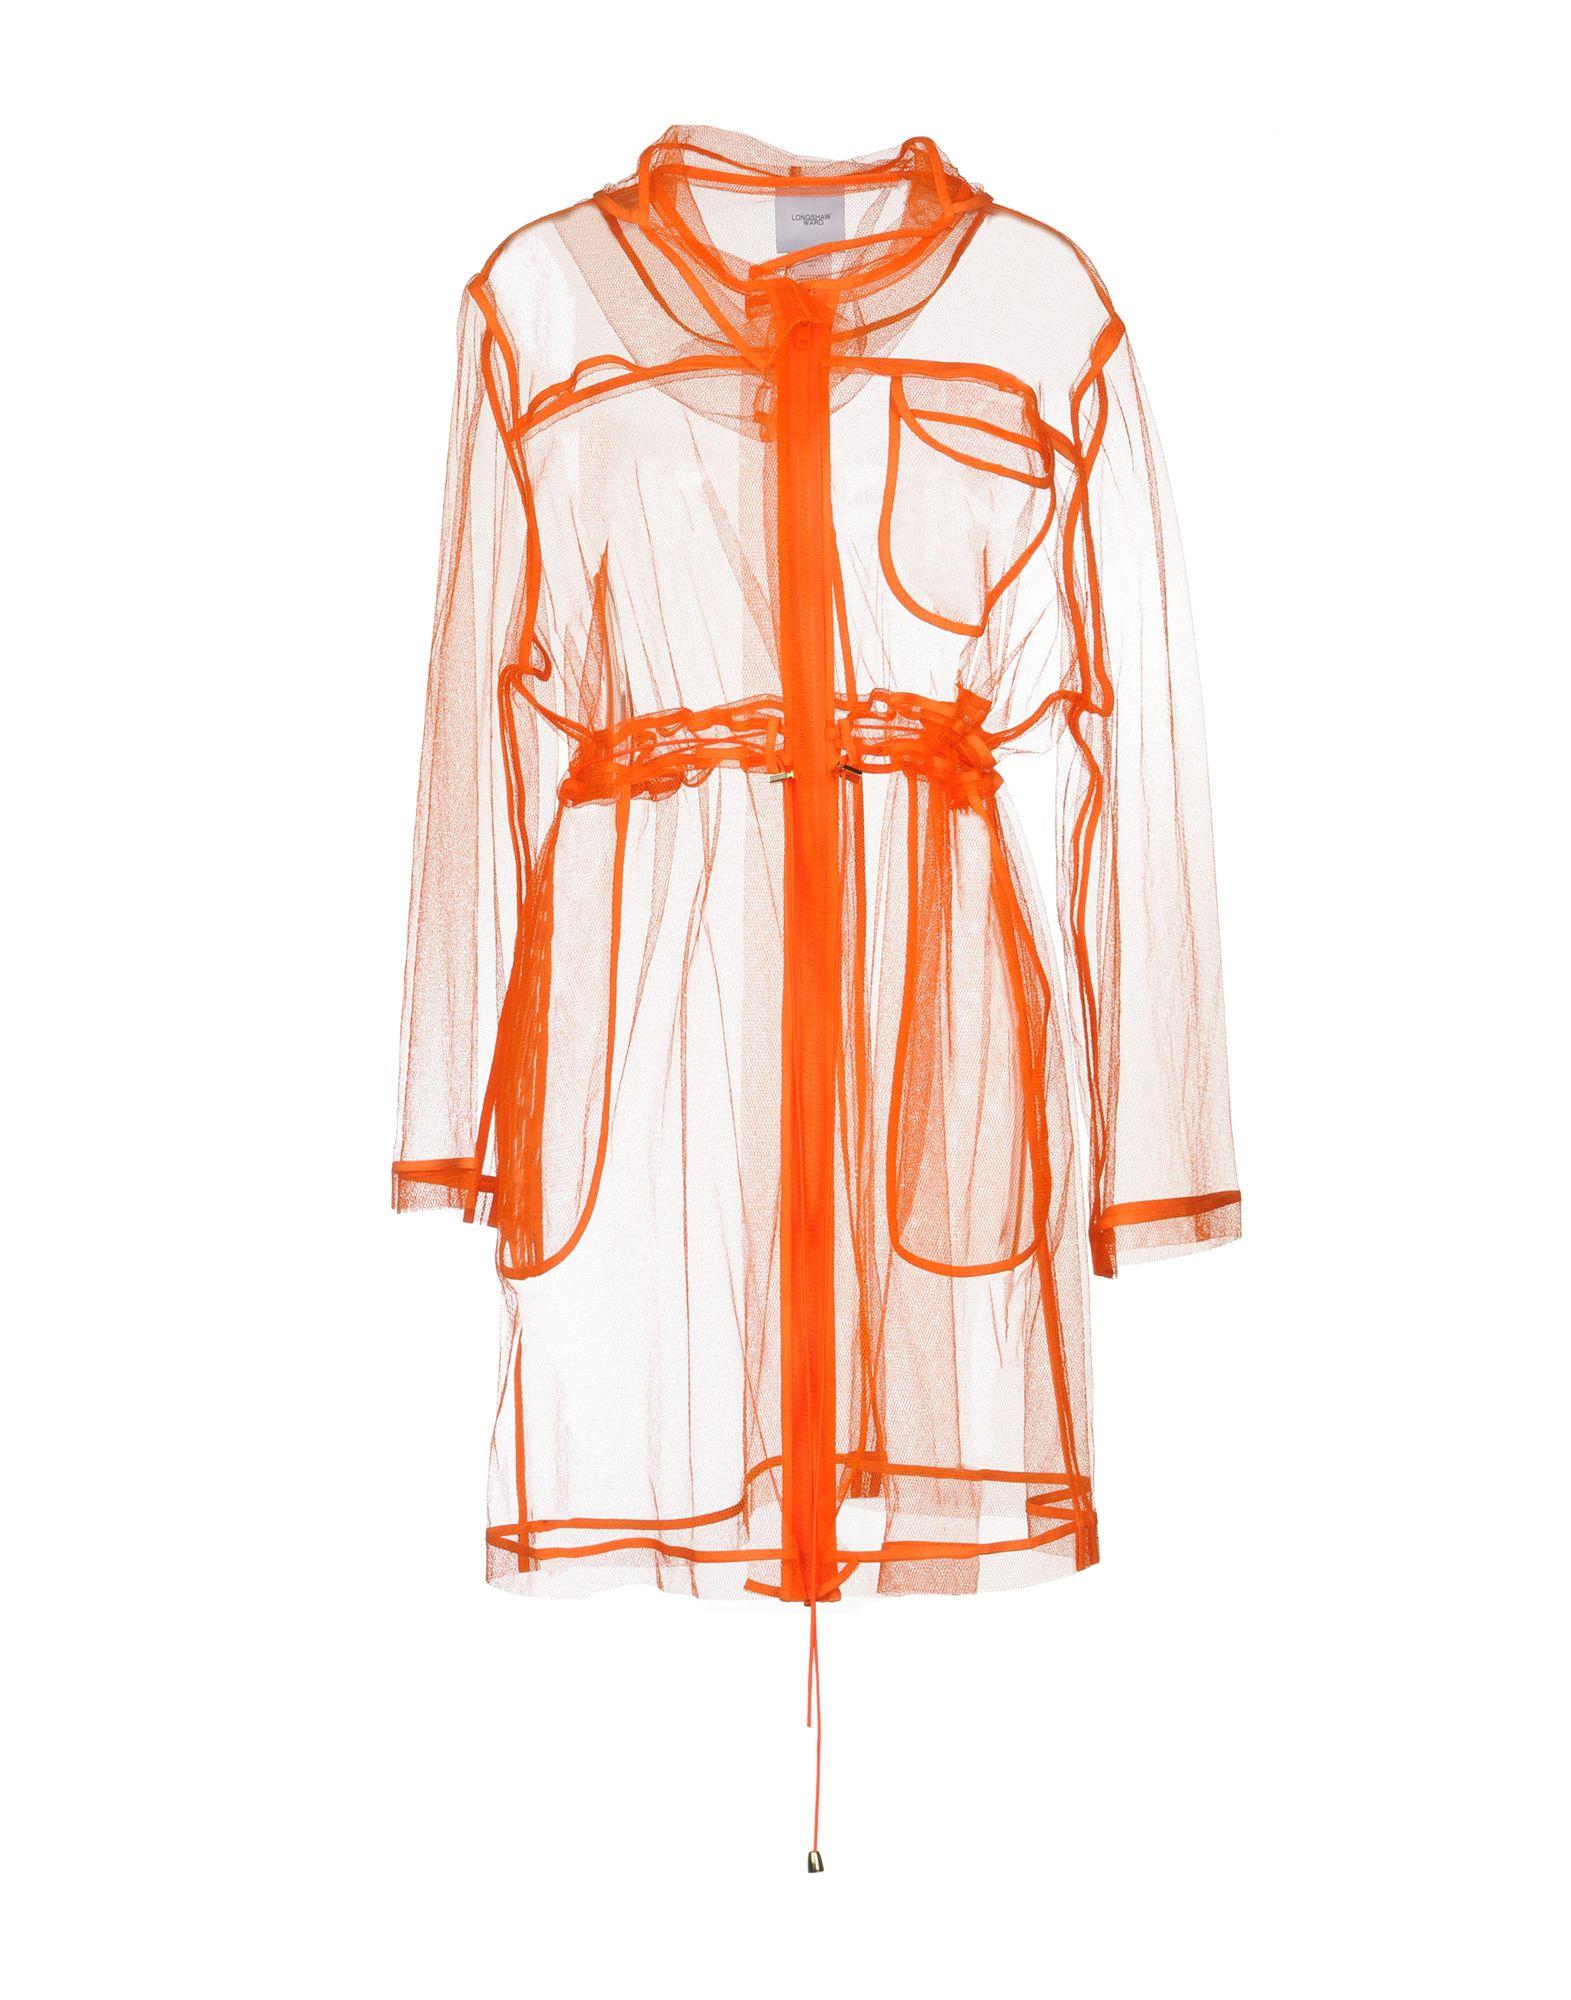 《送料無料》LONGSHAW WARD レディース ライトコート オレンジ 8 ポリエステル 100%